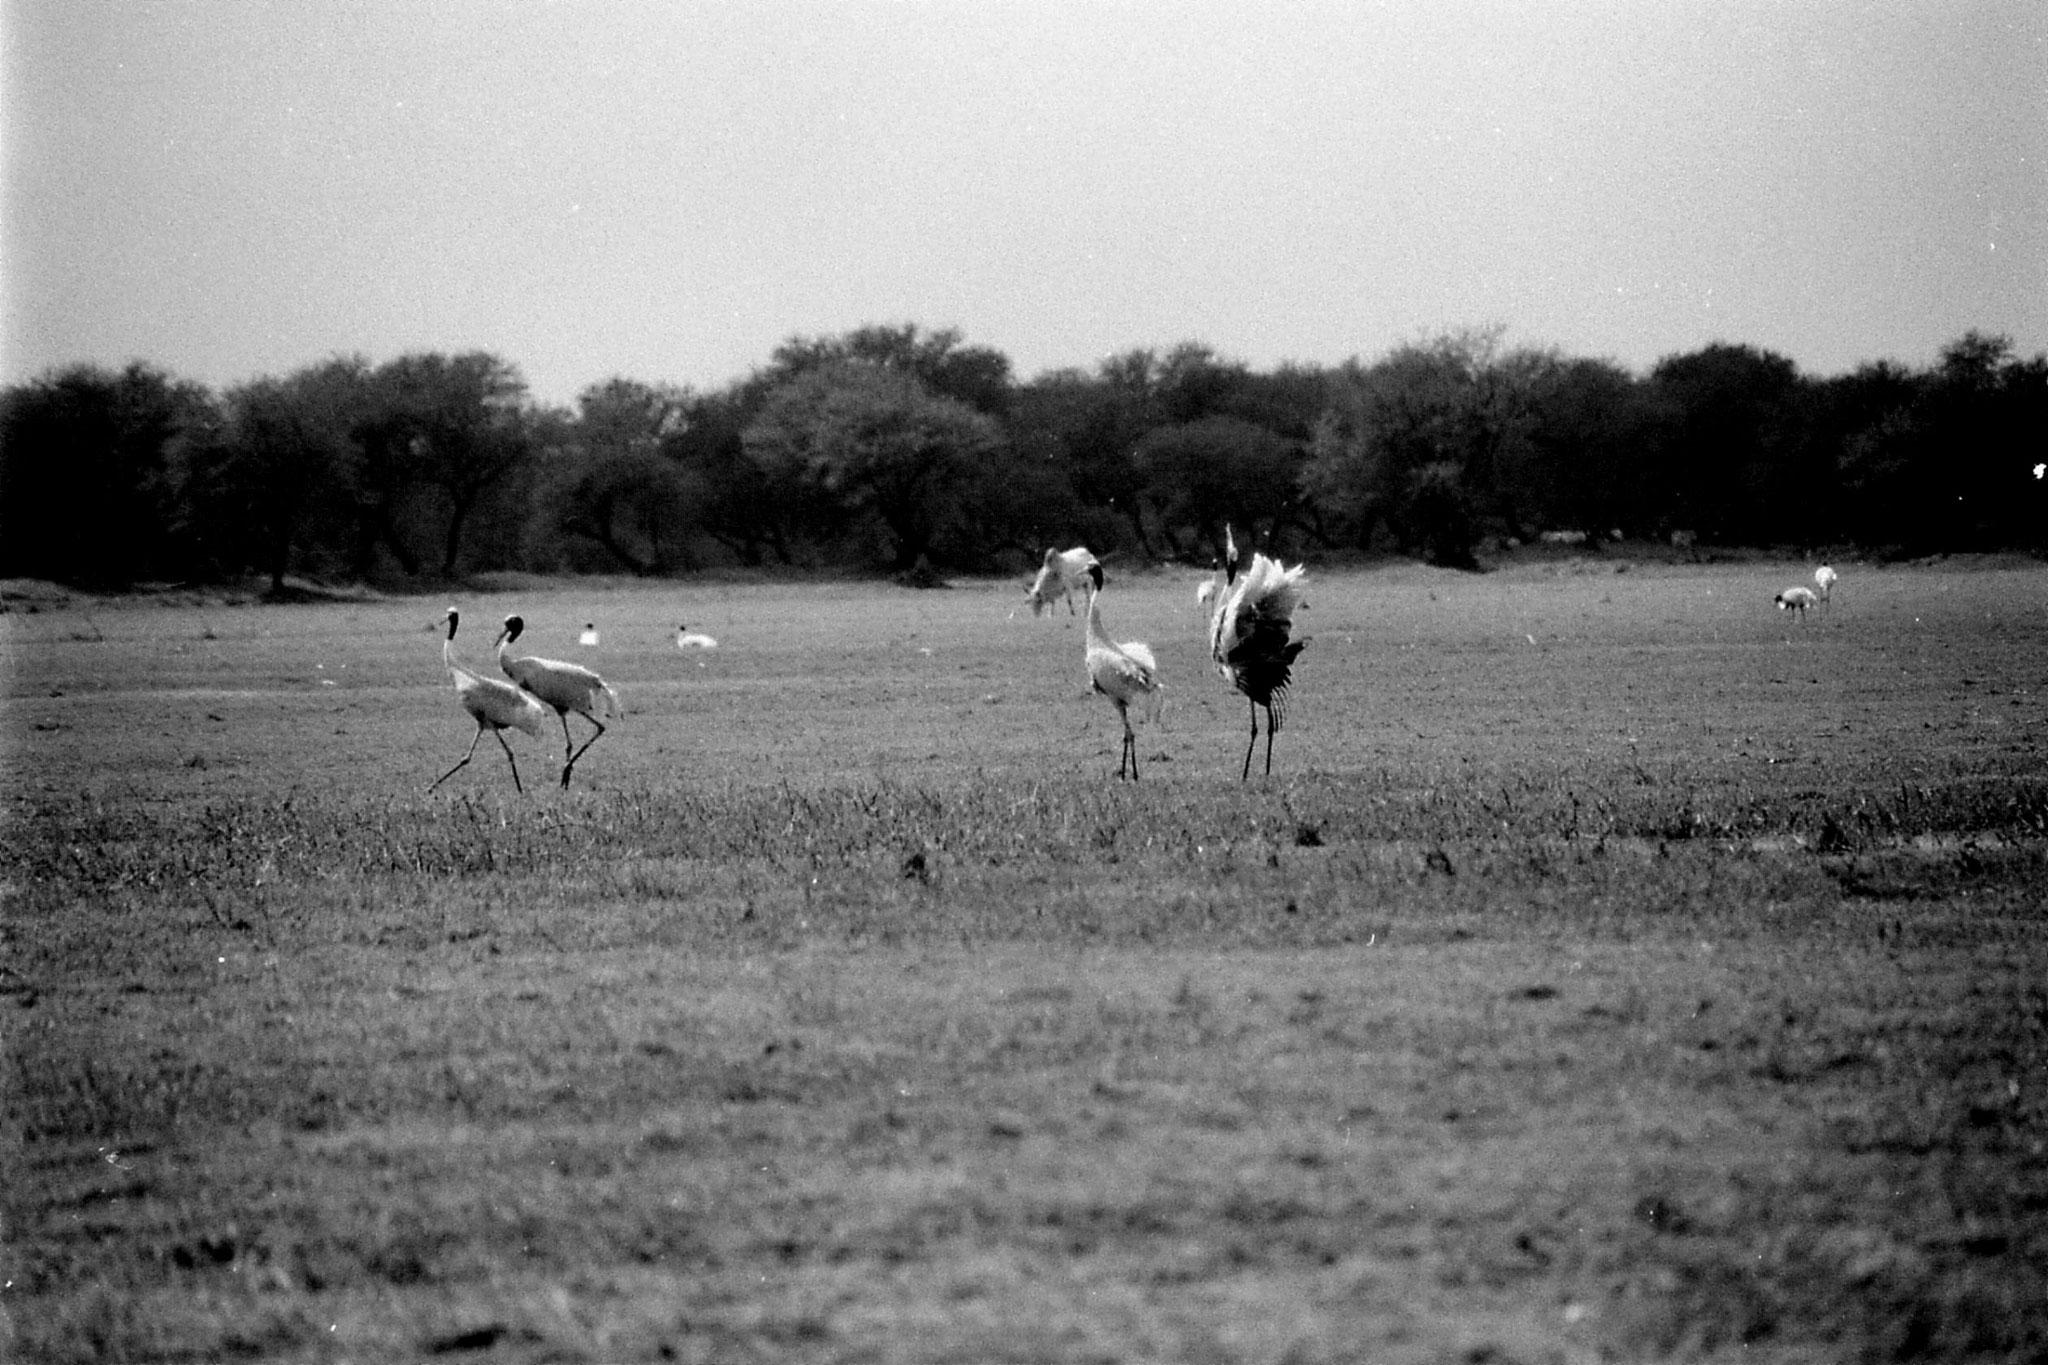 1/4/1990: 16: Bharatpur Sarus cranes dancing